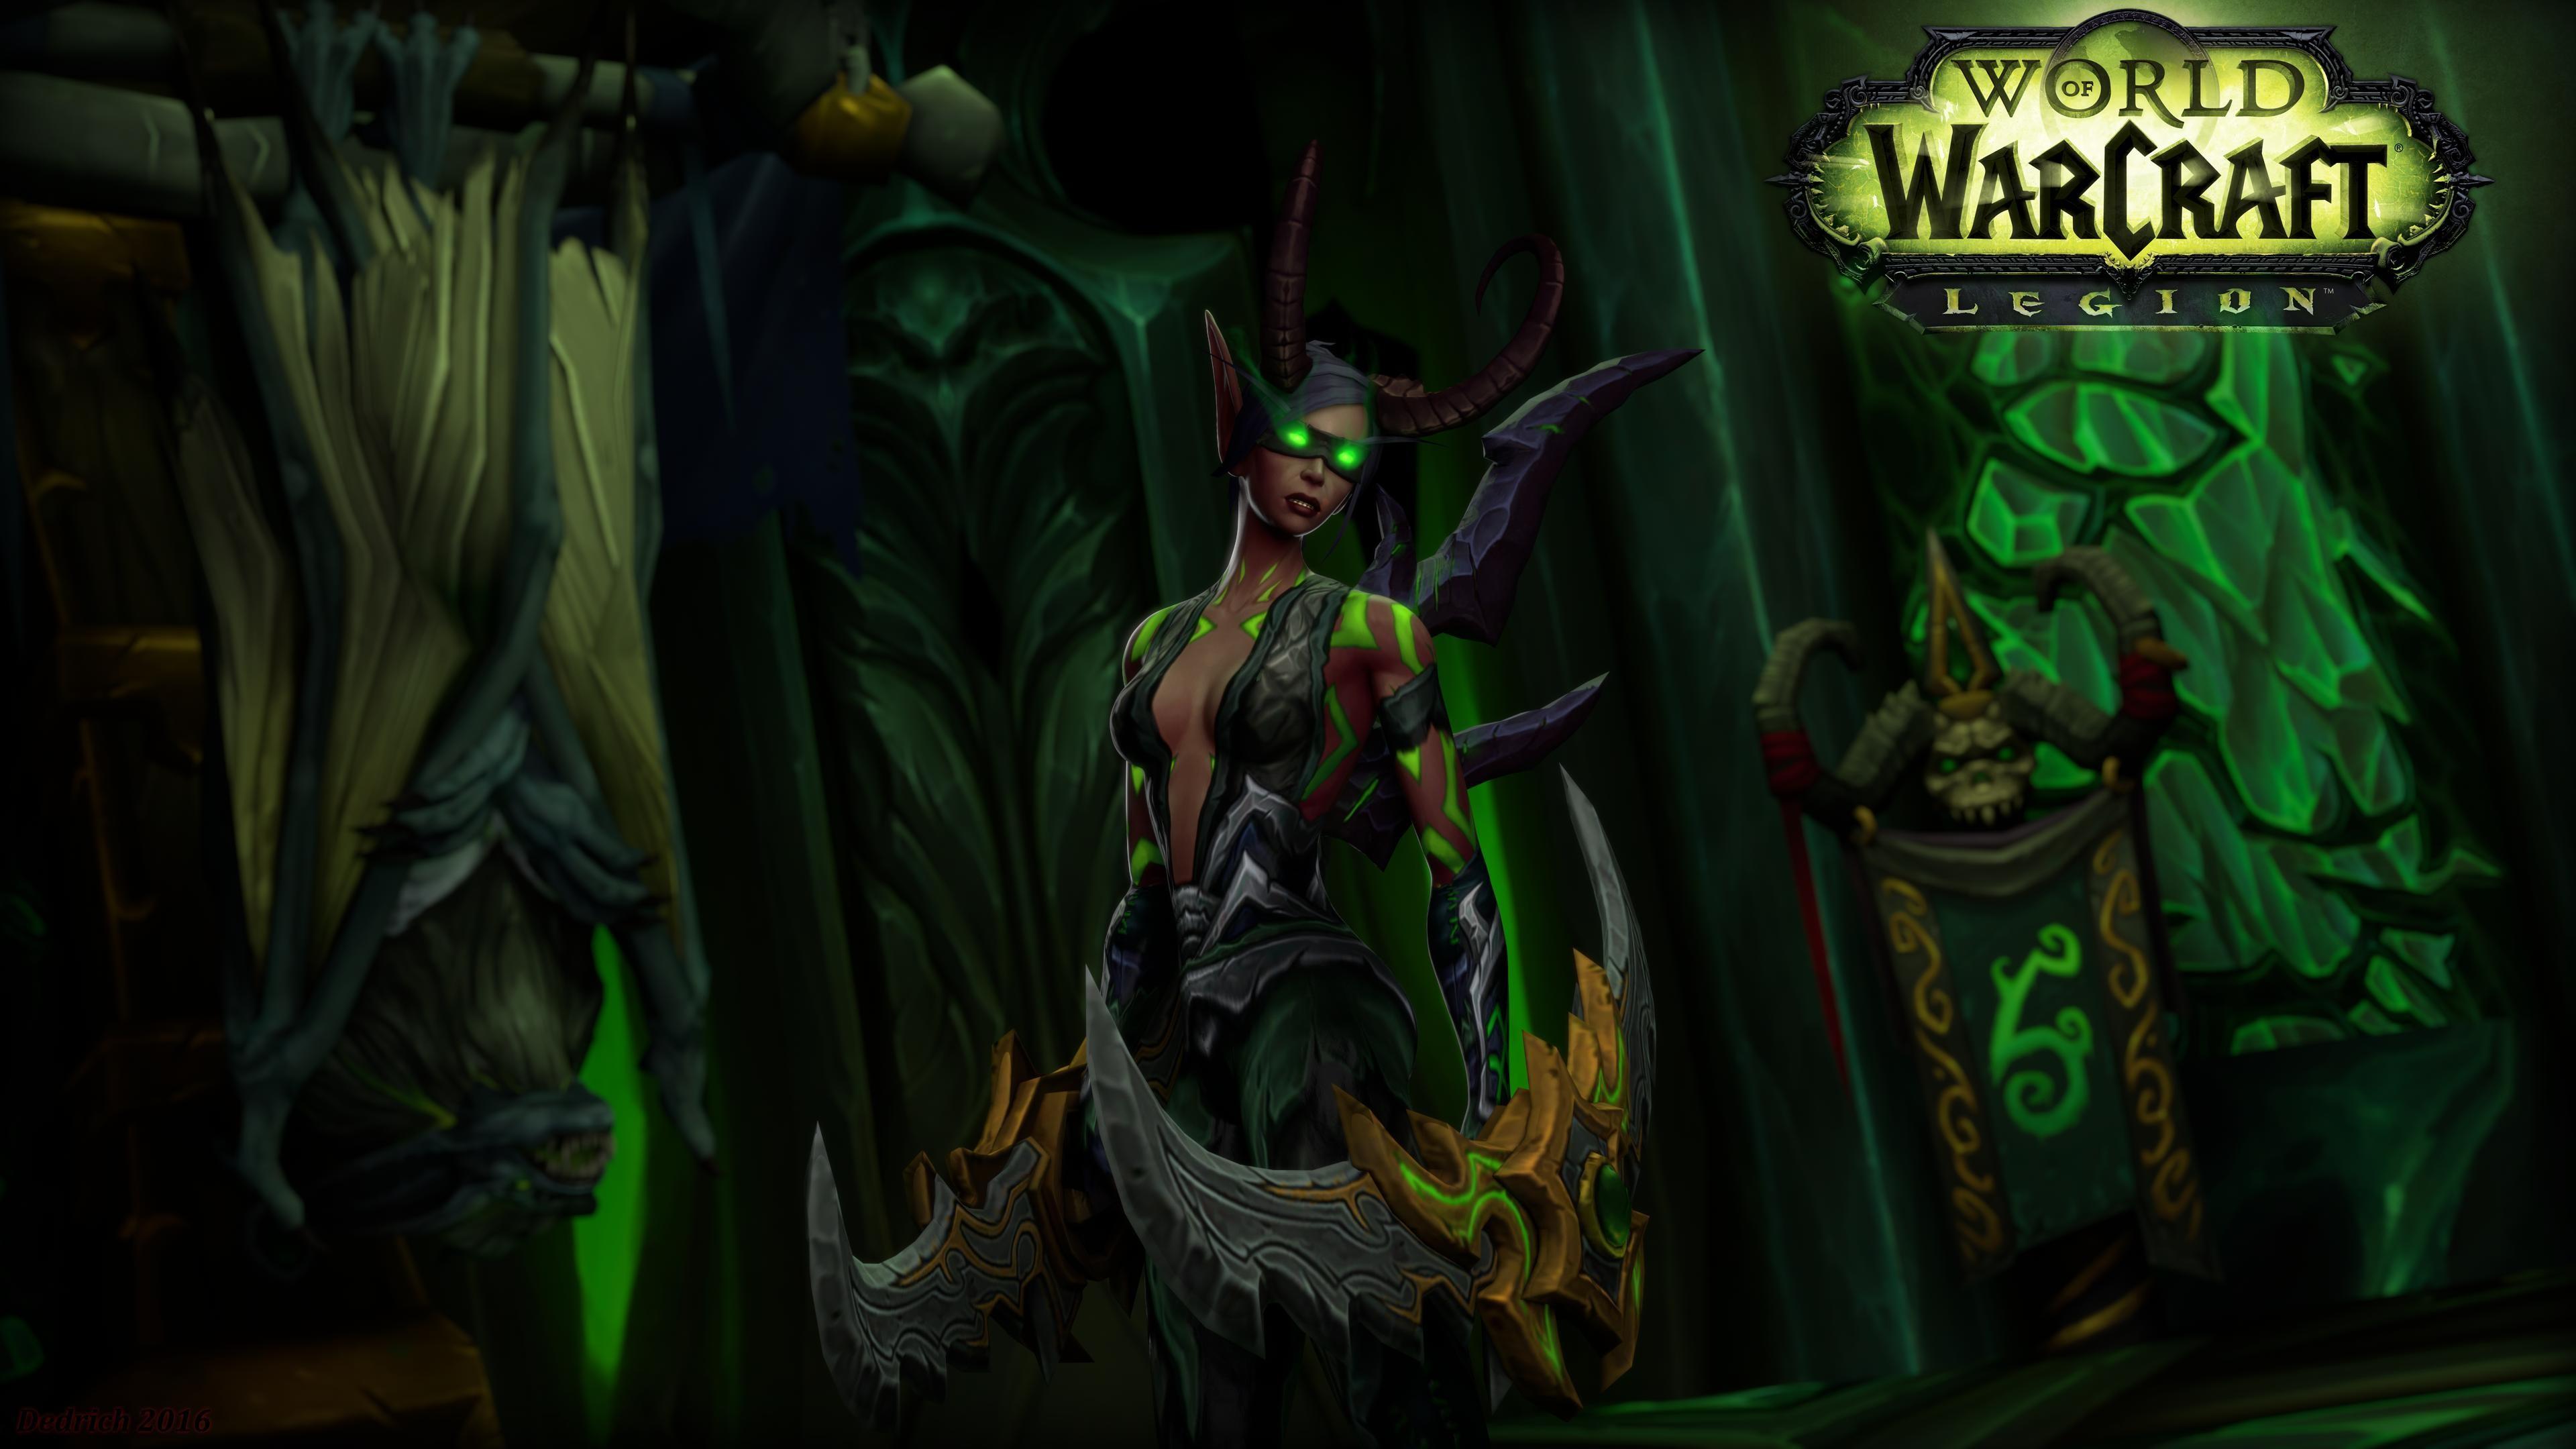 Demon hunter wallpaper 74 images - Demon wallpaper 4k ...